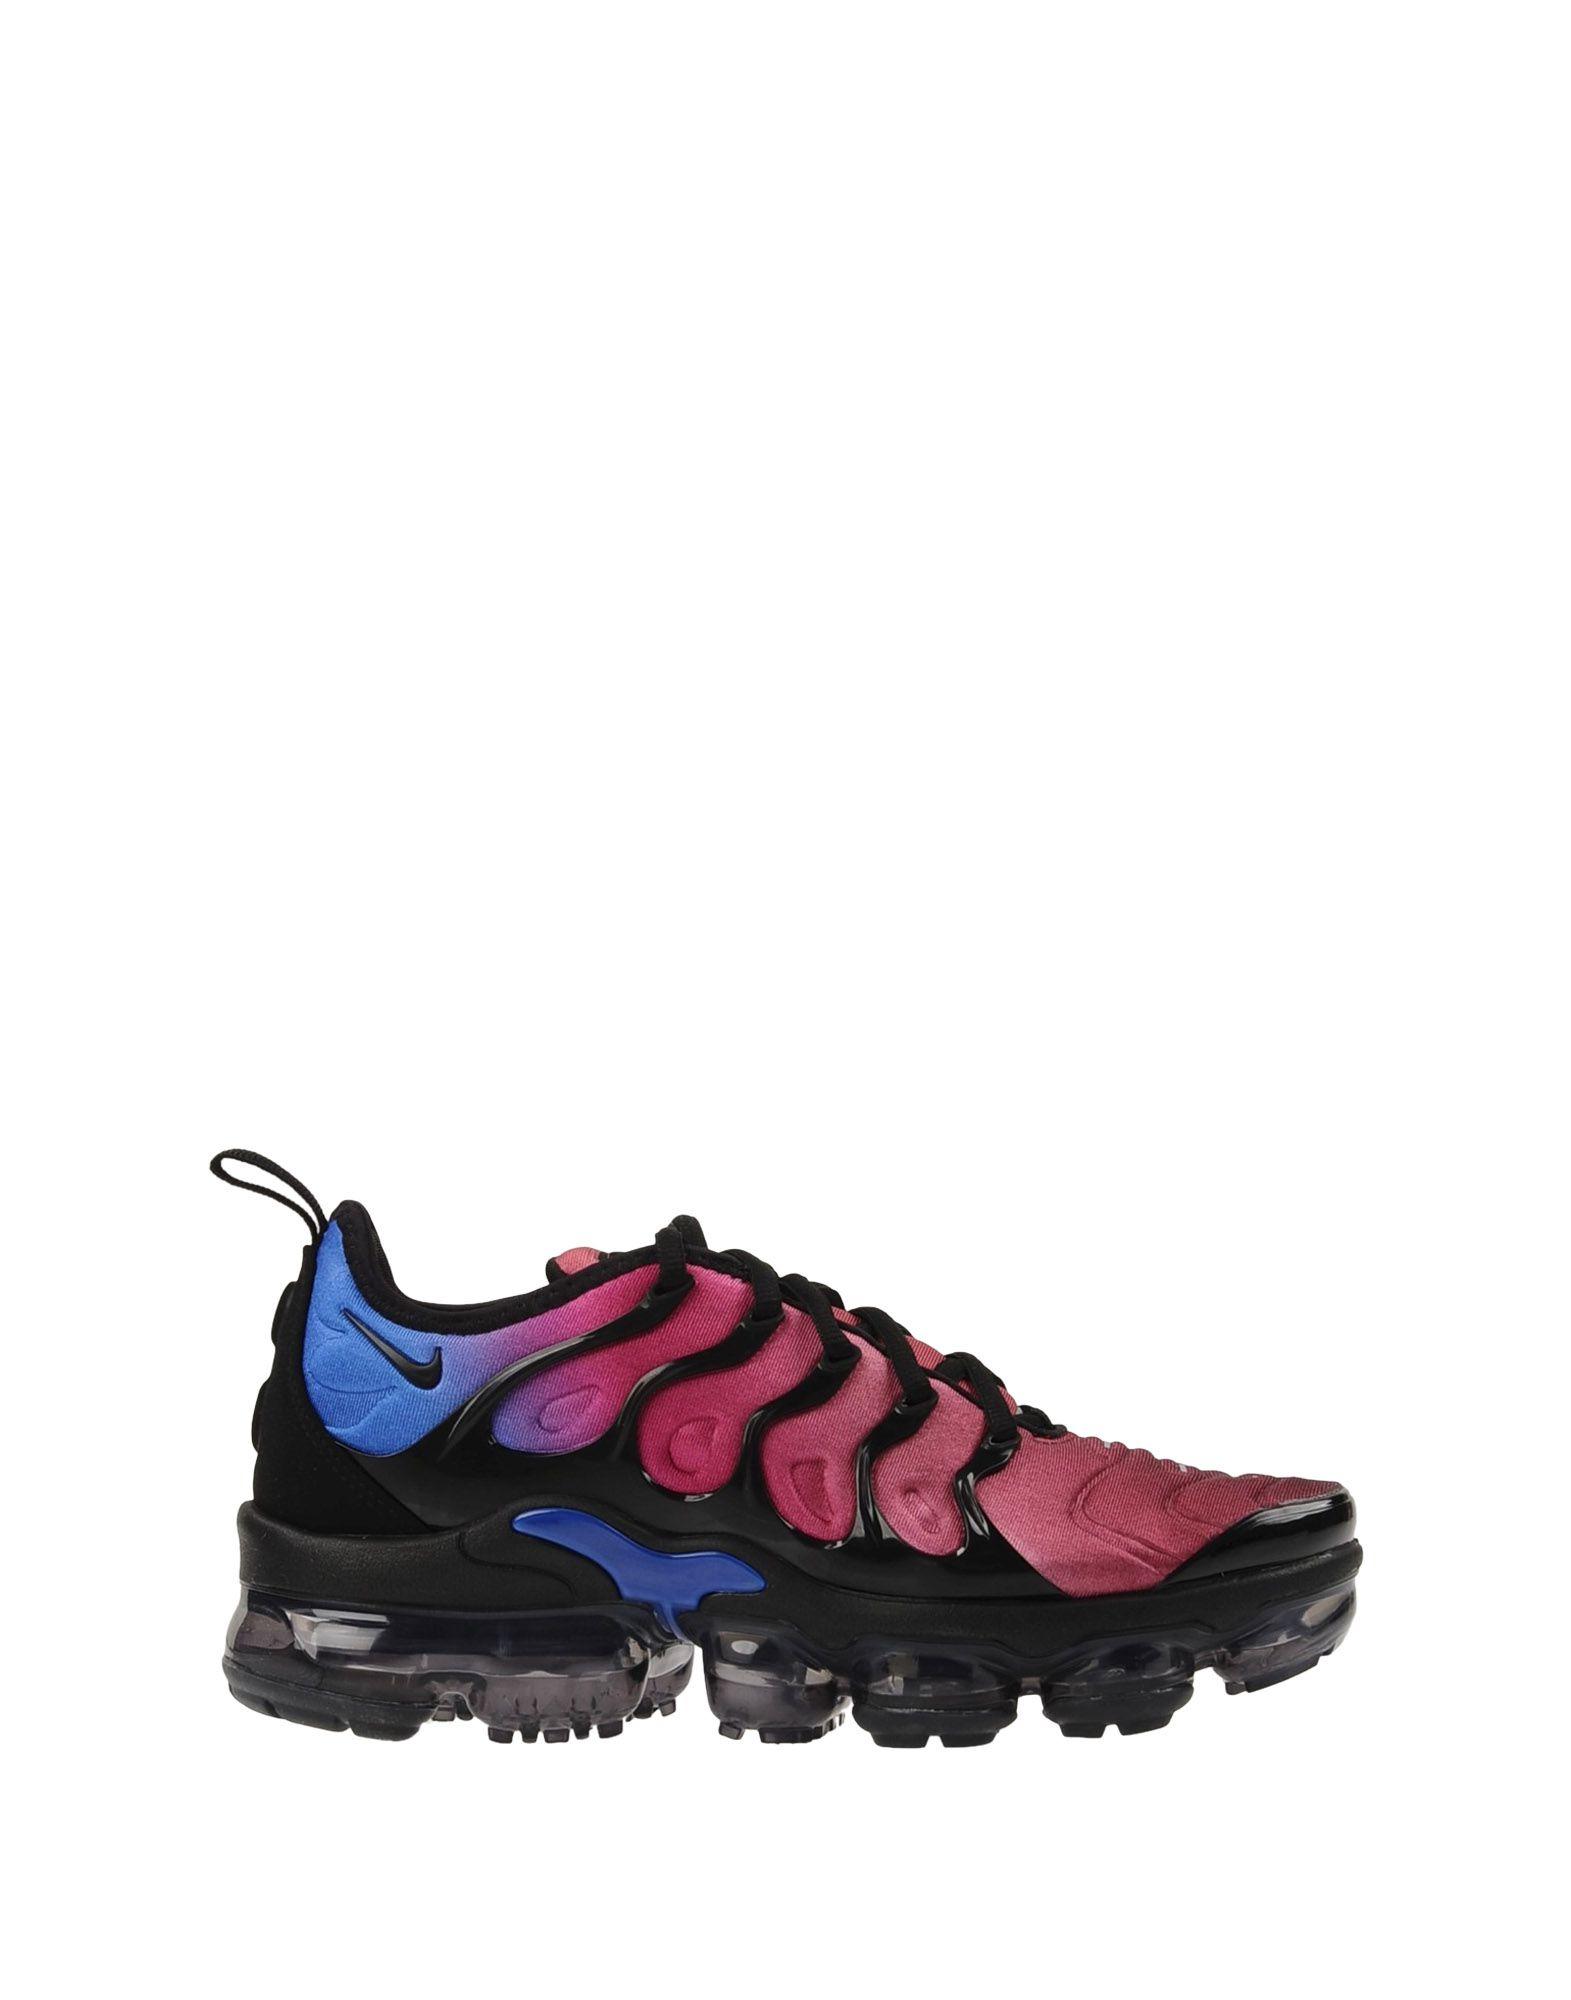 Sneakers Nike Air Vapormax Plus - Femme - Sneakers Nike sur